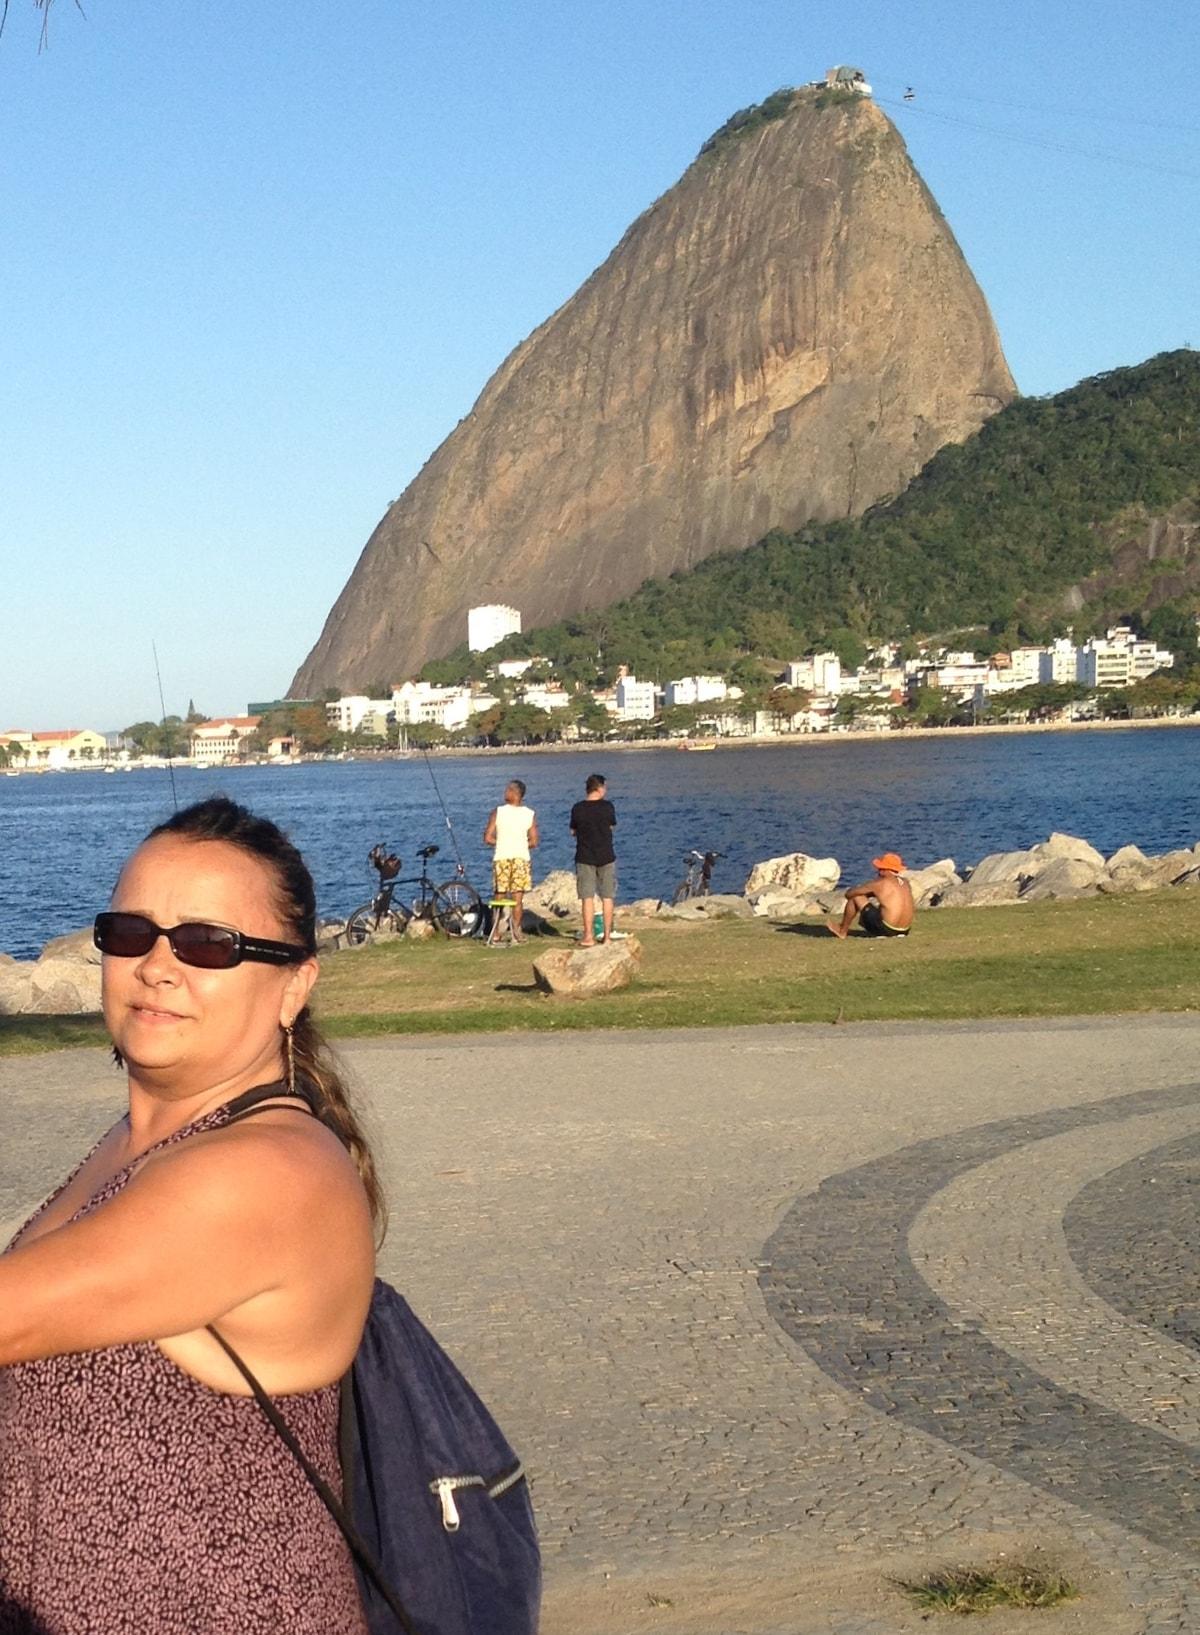 Maria De Jesus from Rio de Janeiro